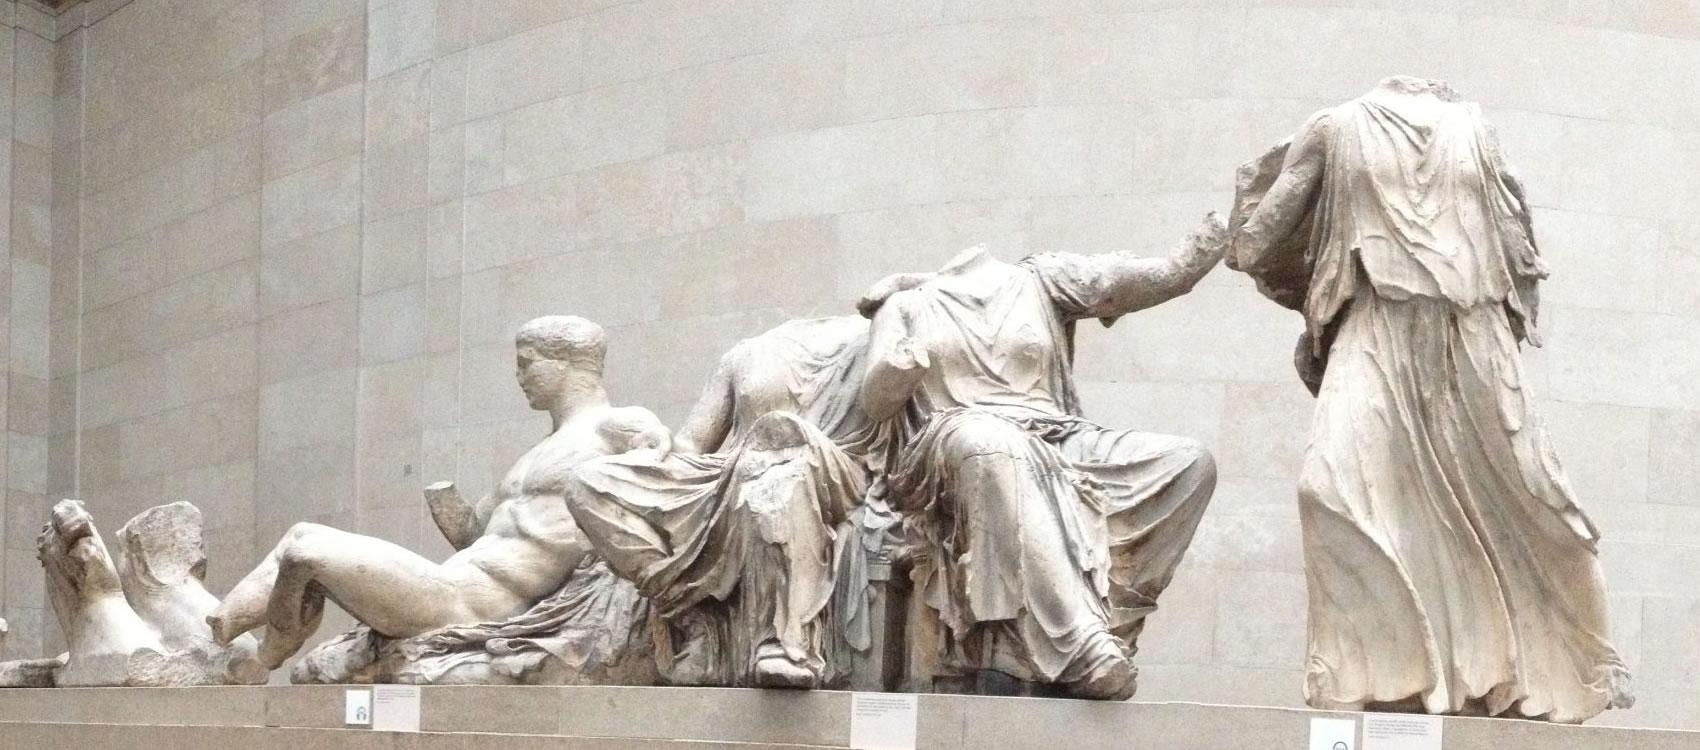 27 agosto: riapre a Londra il British Museum. Nuove date per le mostre temporanee